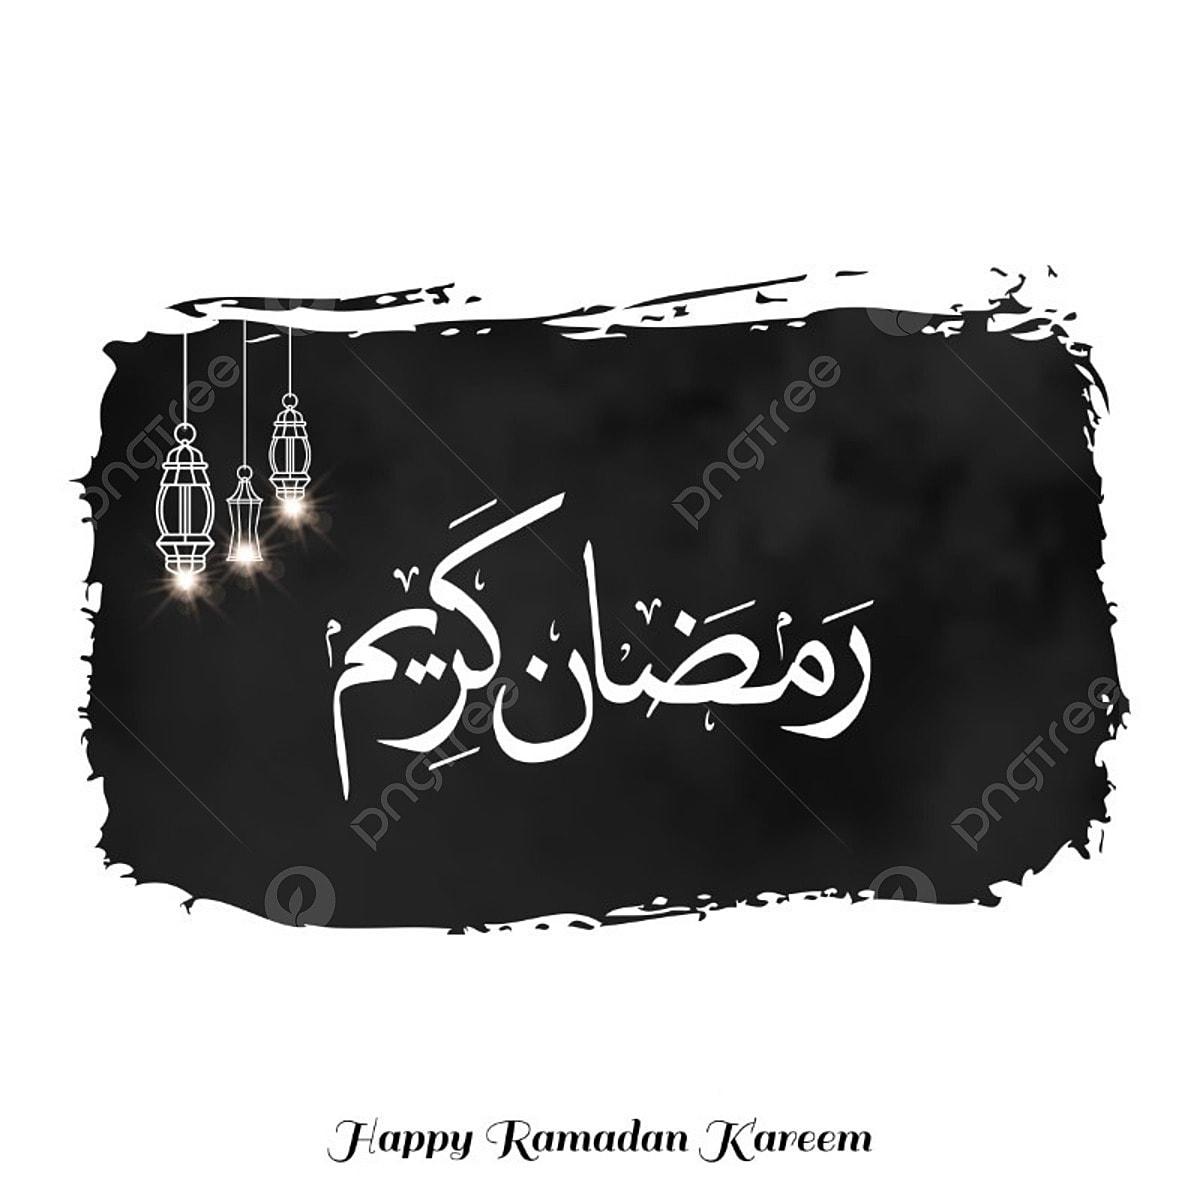 رمضان كريم مطبعي مع خلفية سوداء Ramadan Kareem Eid Png والمتجهات للتحميل مجانا